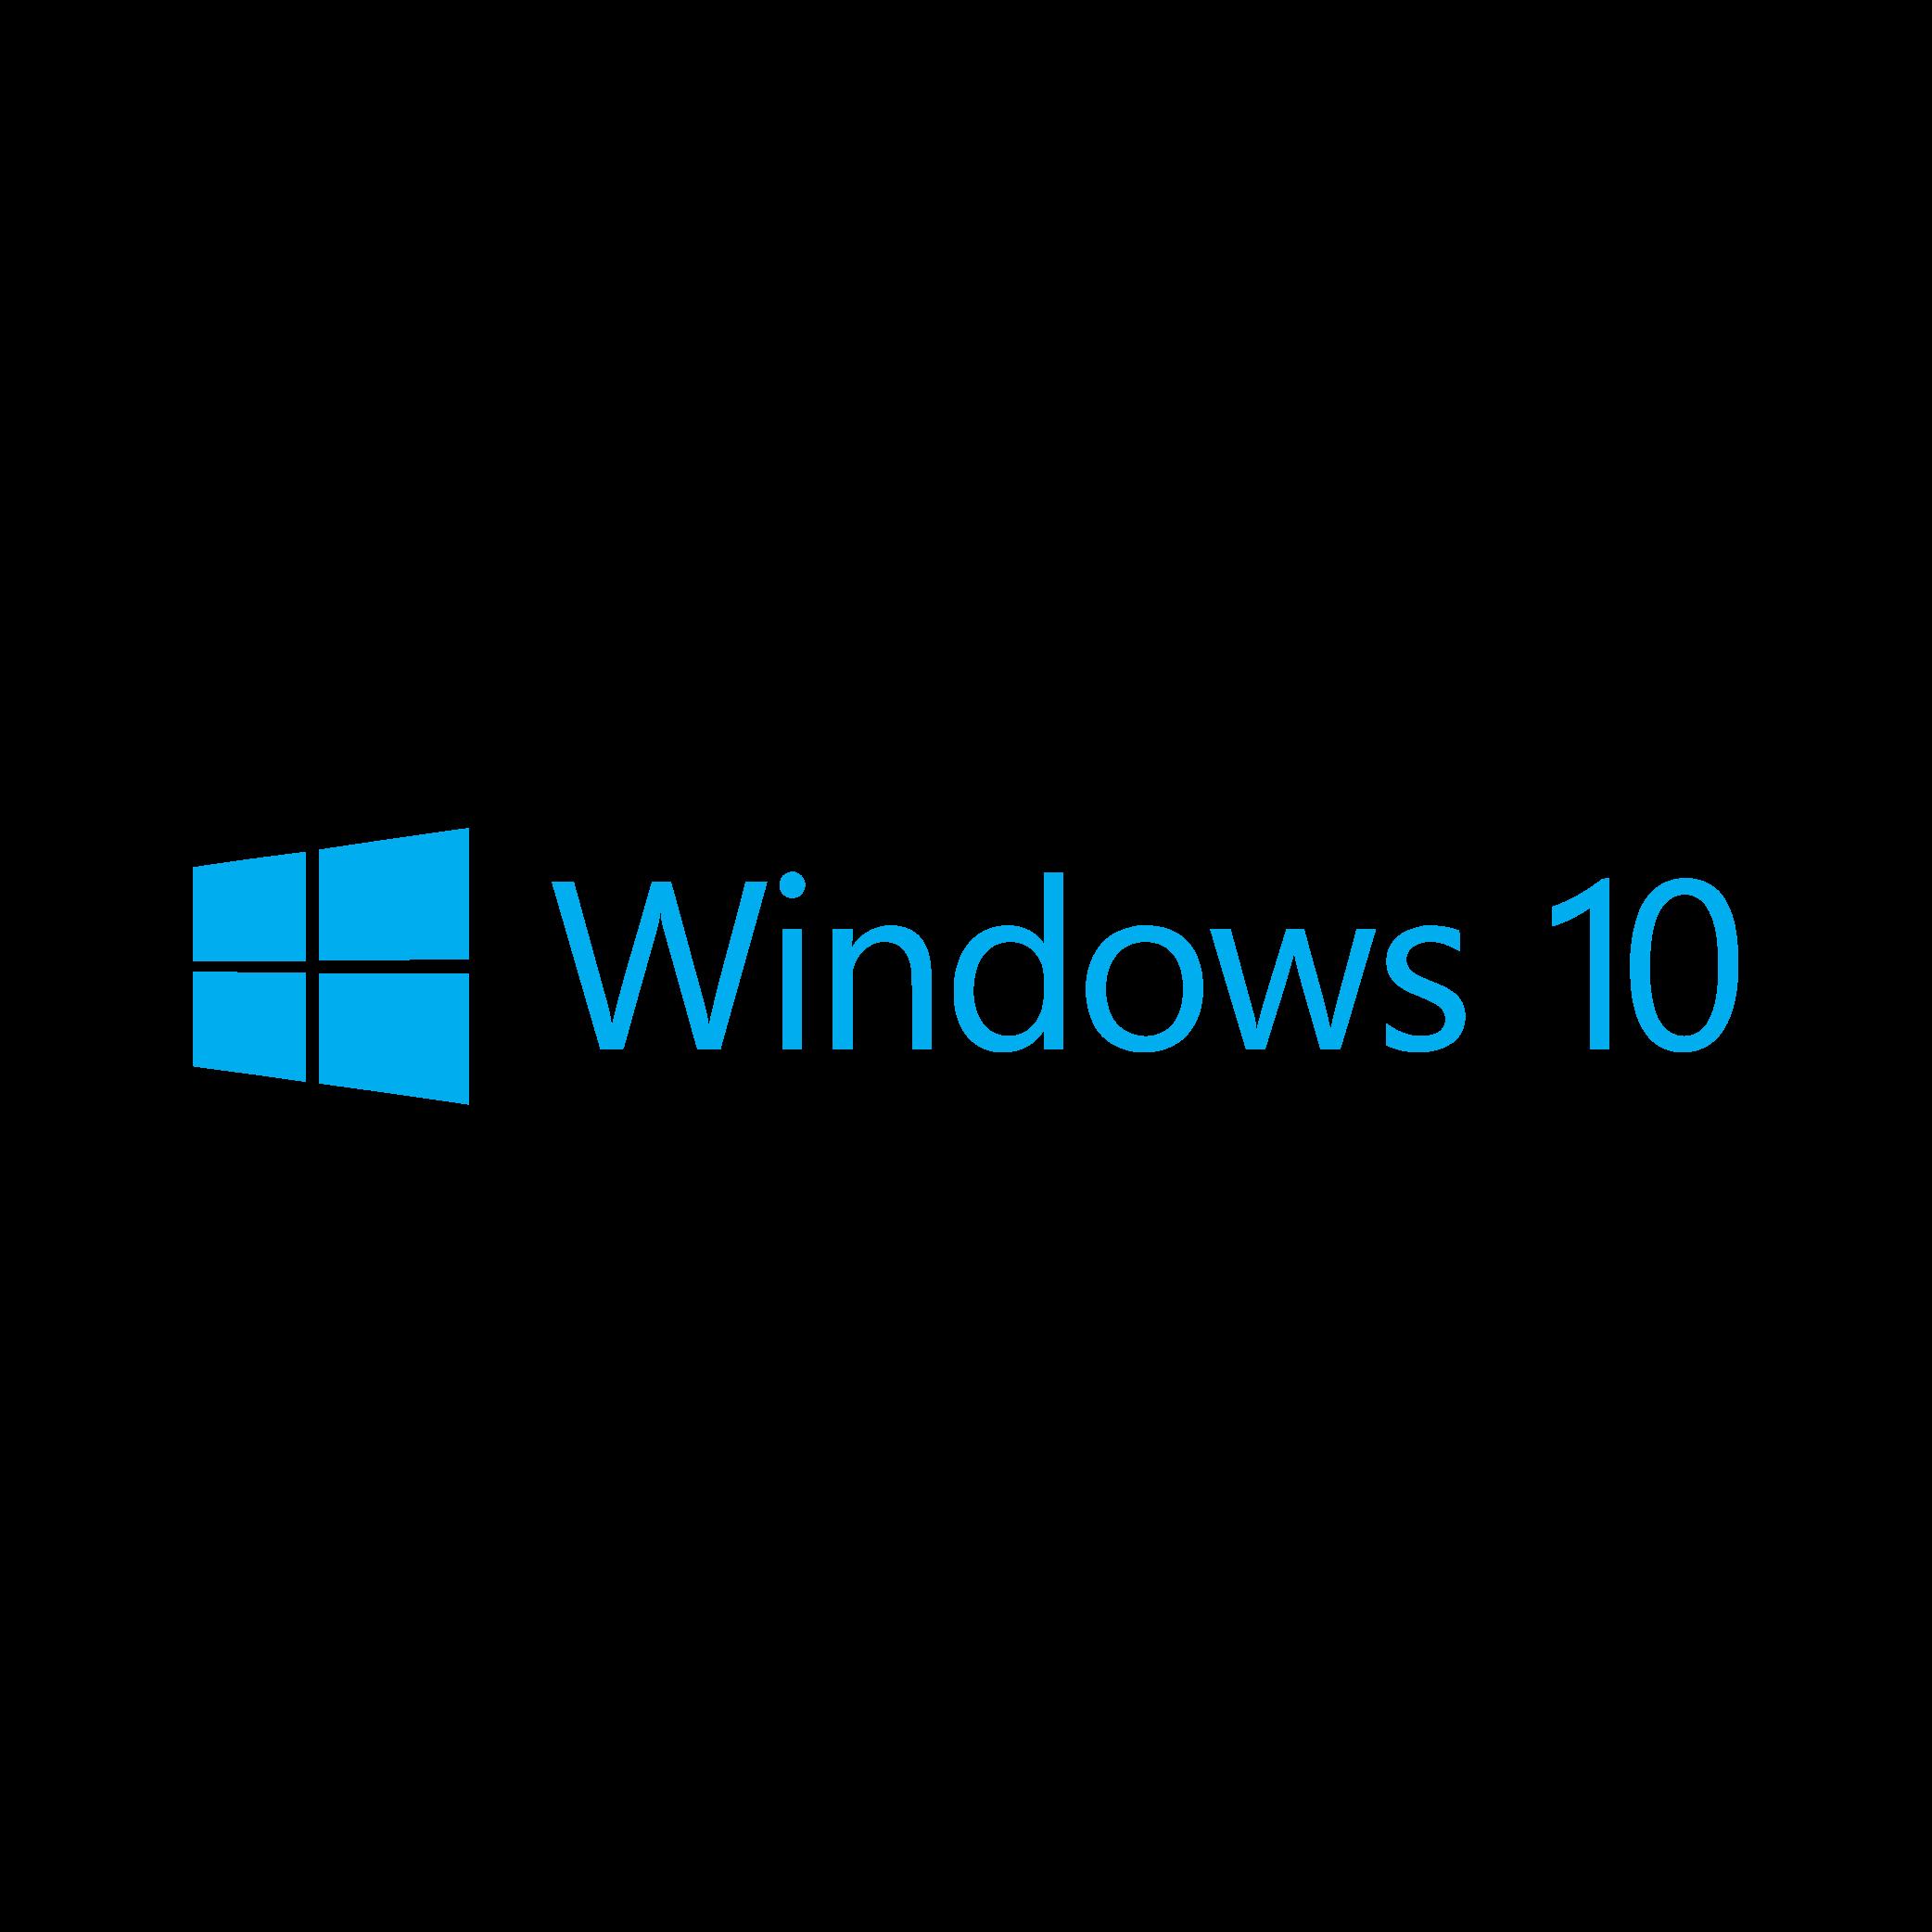 HelpIT-service-informatique-Braine-l-alleud-client-satisfait-heureux-logo-office-windows-10